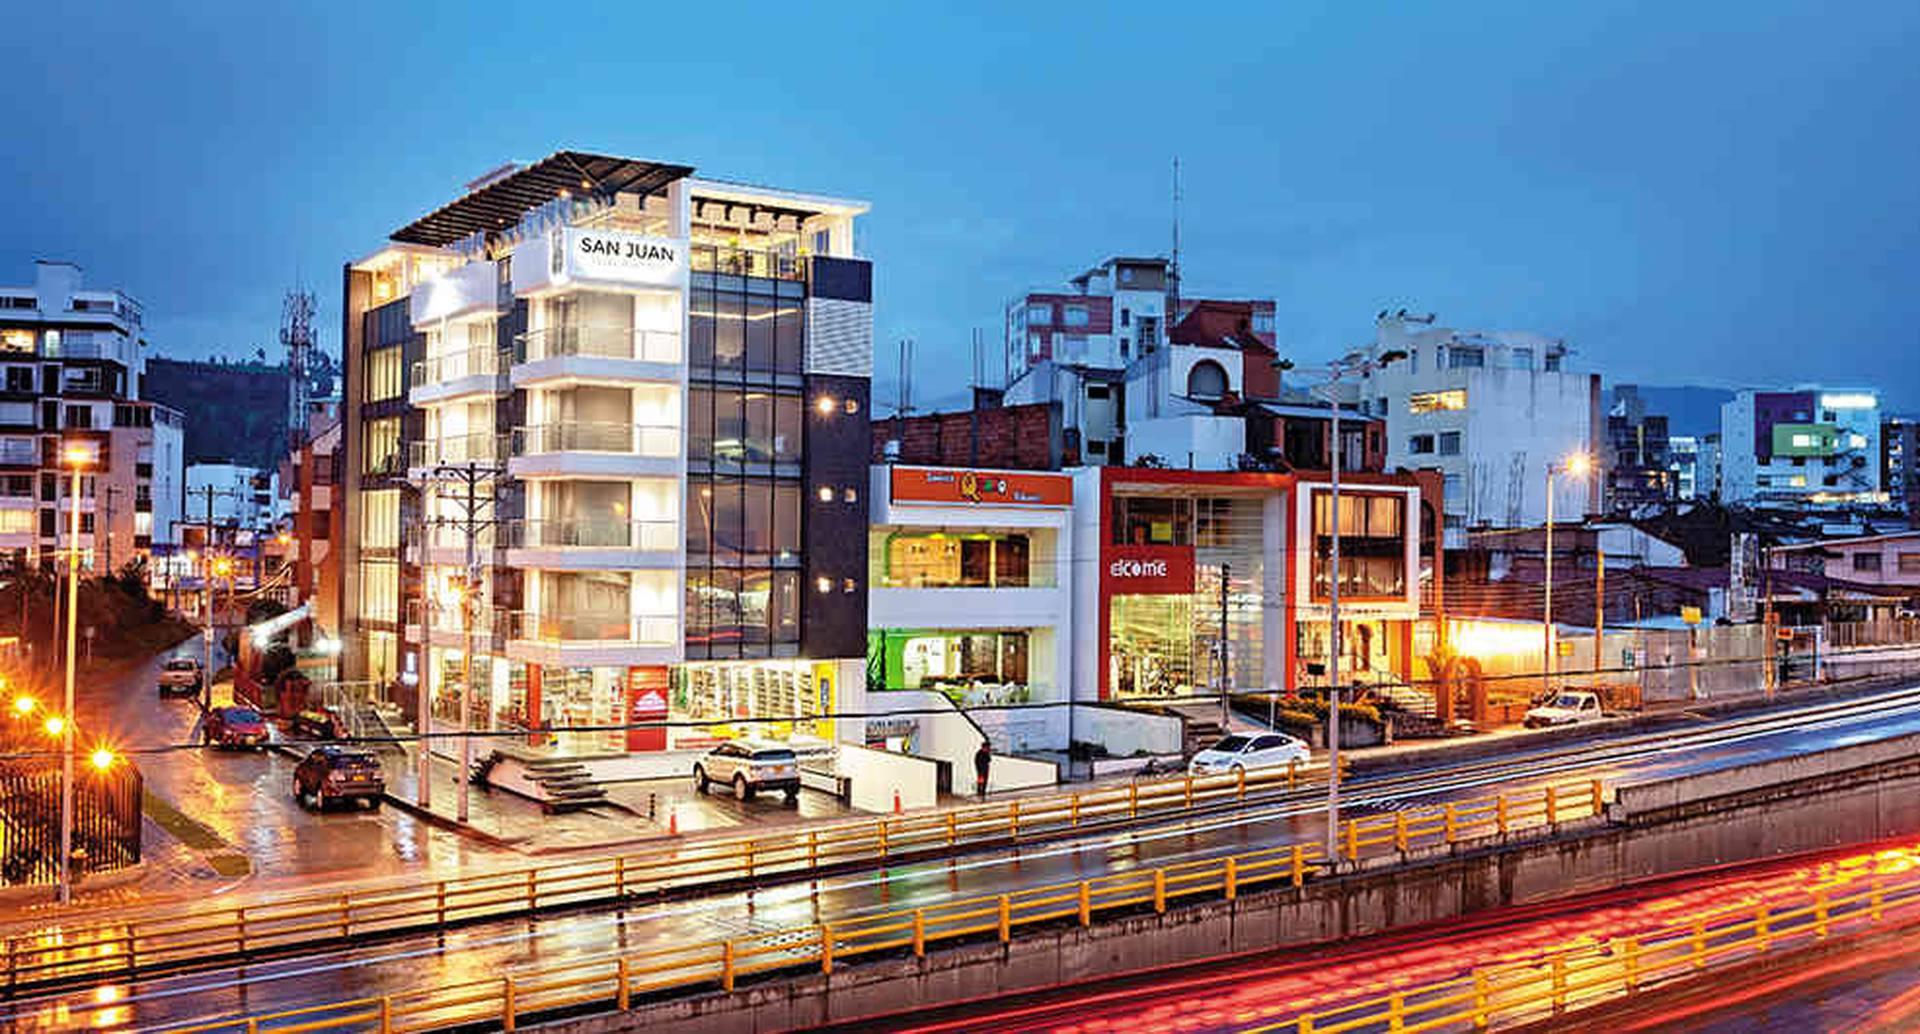 El nombre del hotel es un homenaje al nombre de la ciudad San Juan de Pasto.